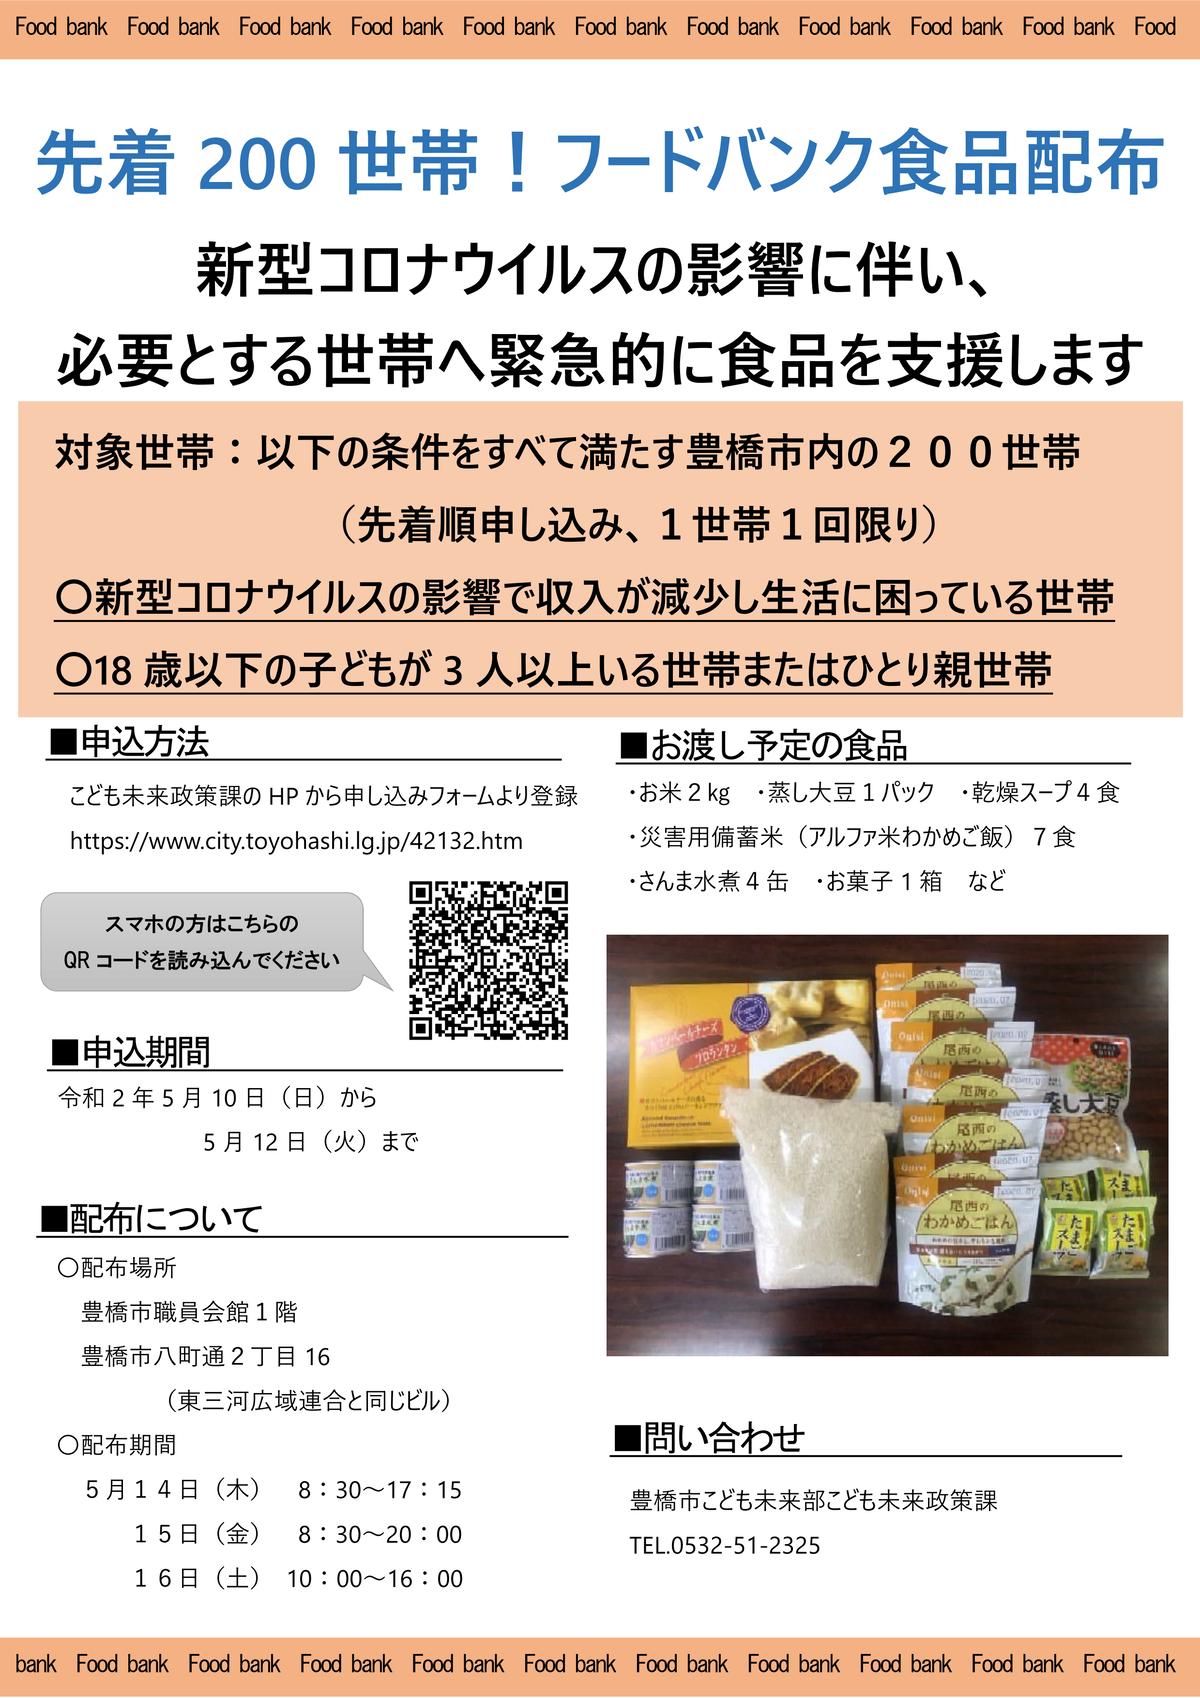 200507_foodbank2005_01